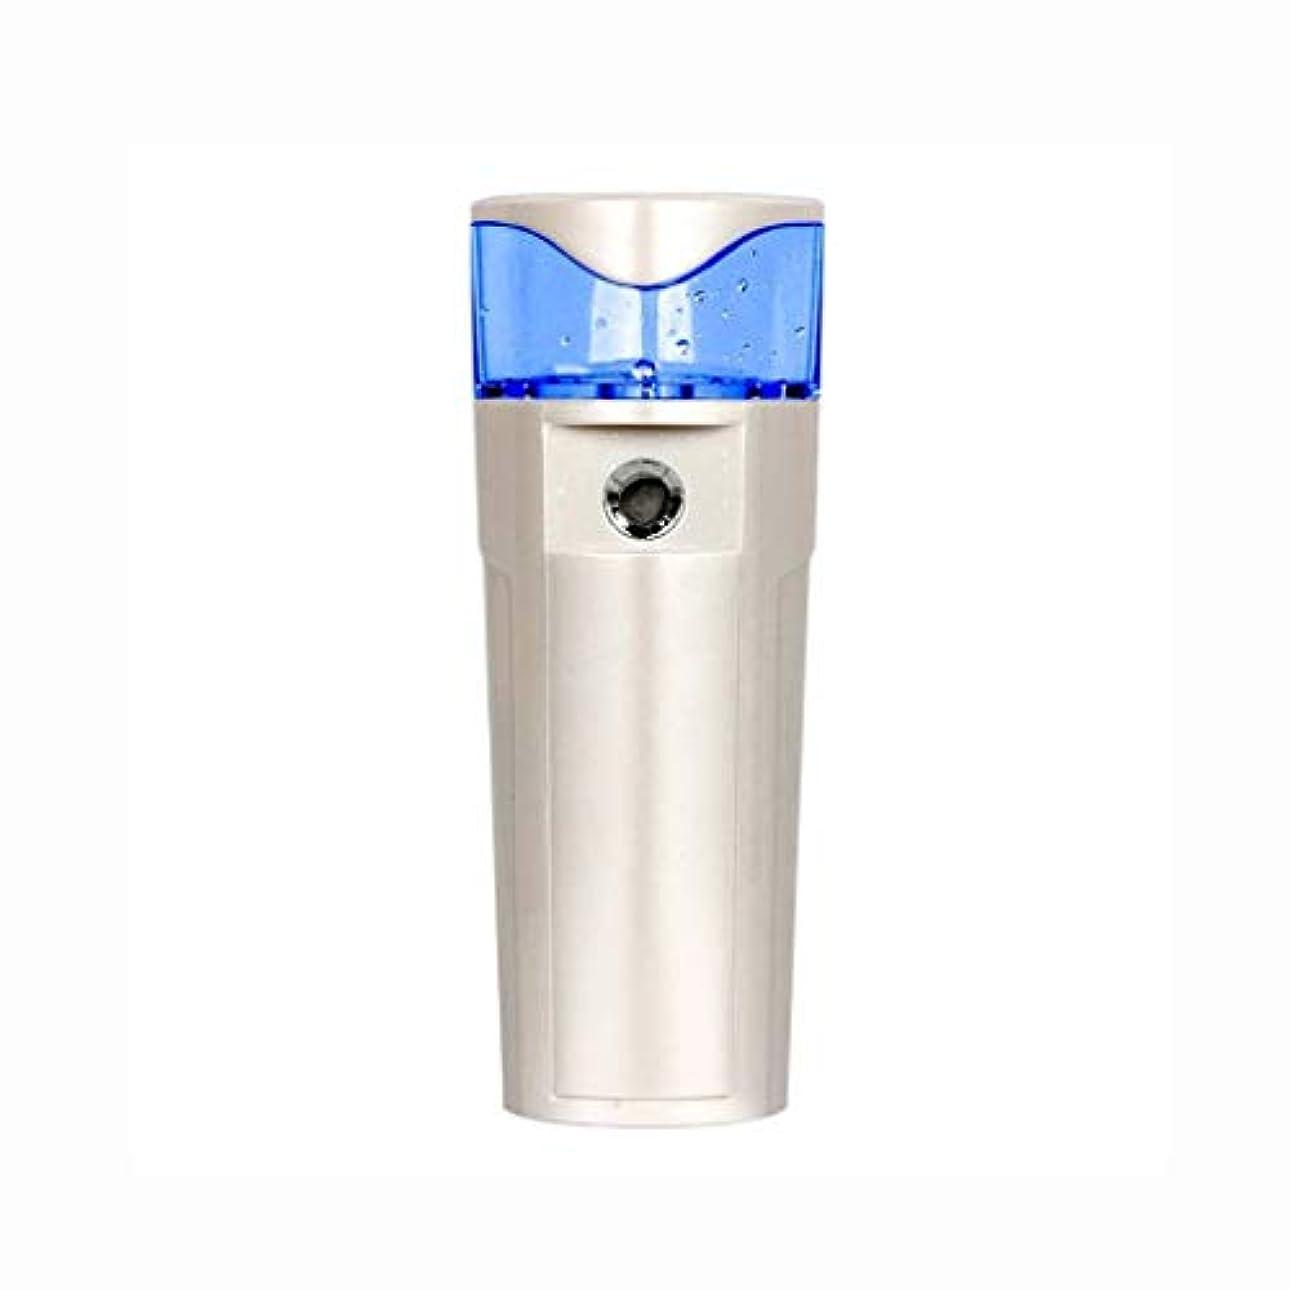 エントリ窒素ベッドスプレーポータブルクールスプレーフェイシャルスプレーモイスチャライジングモイスチャライジングおよびモイスチャライジングスチーマーモバイル電源usb充電美容スキンケア楽器 (色 : シルバーホワイト)